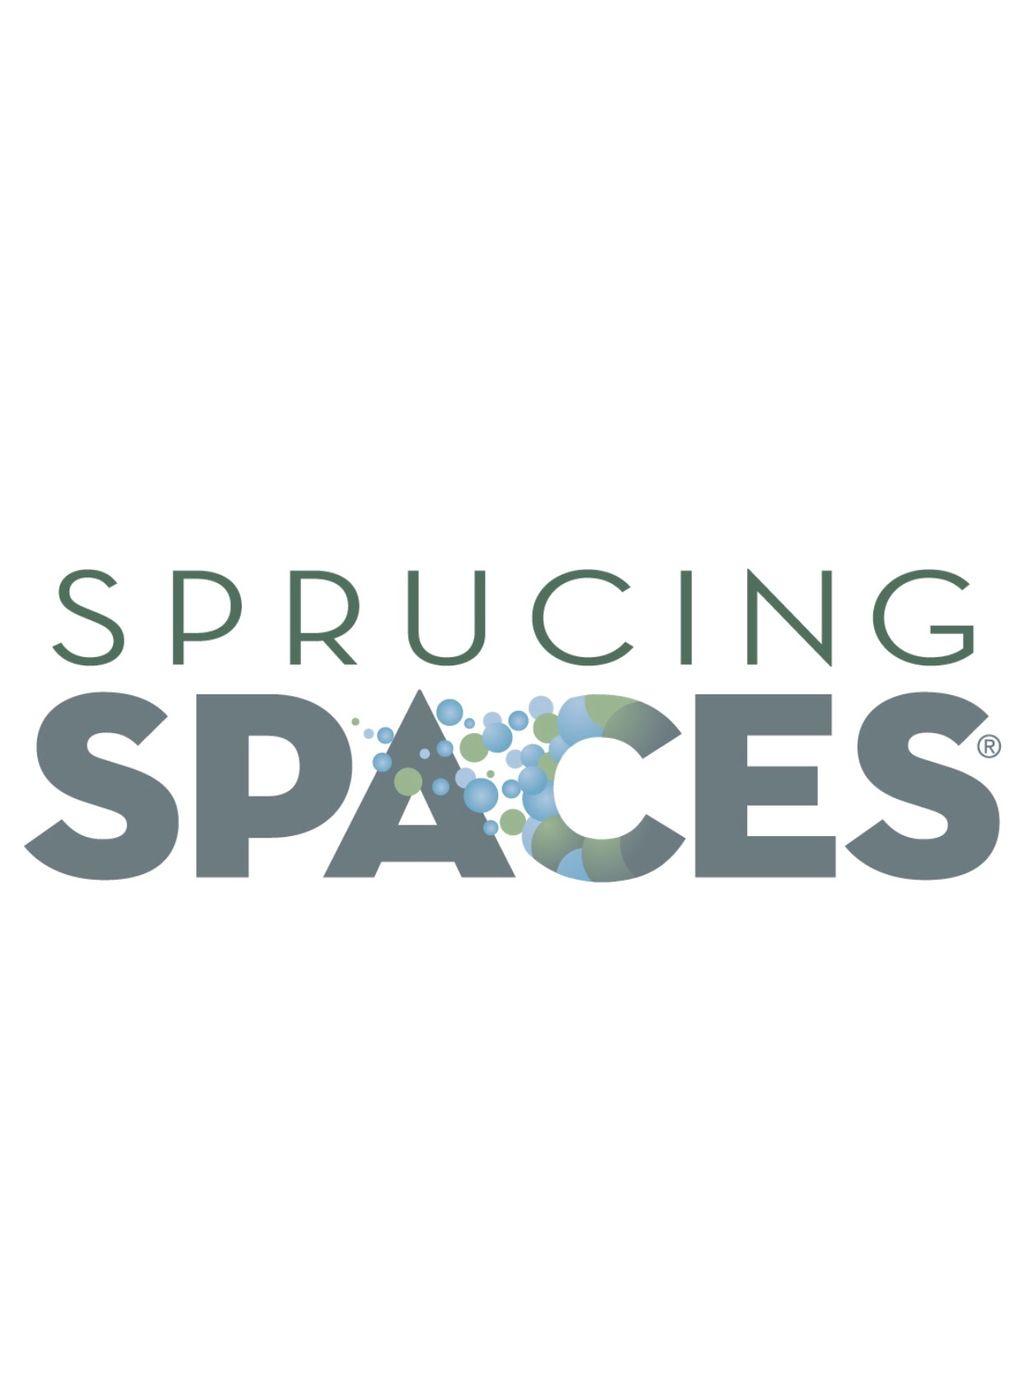 Sprucing Spaces